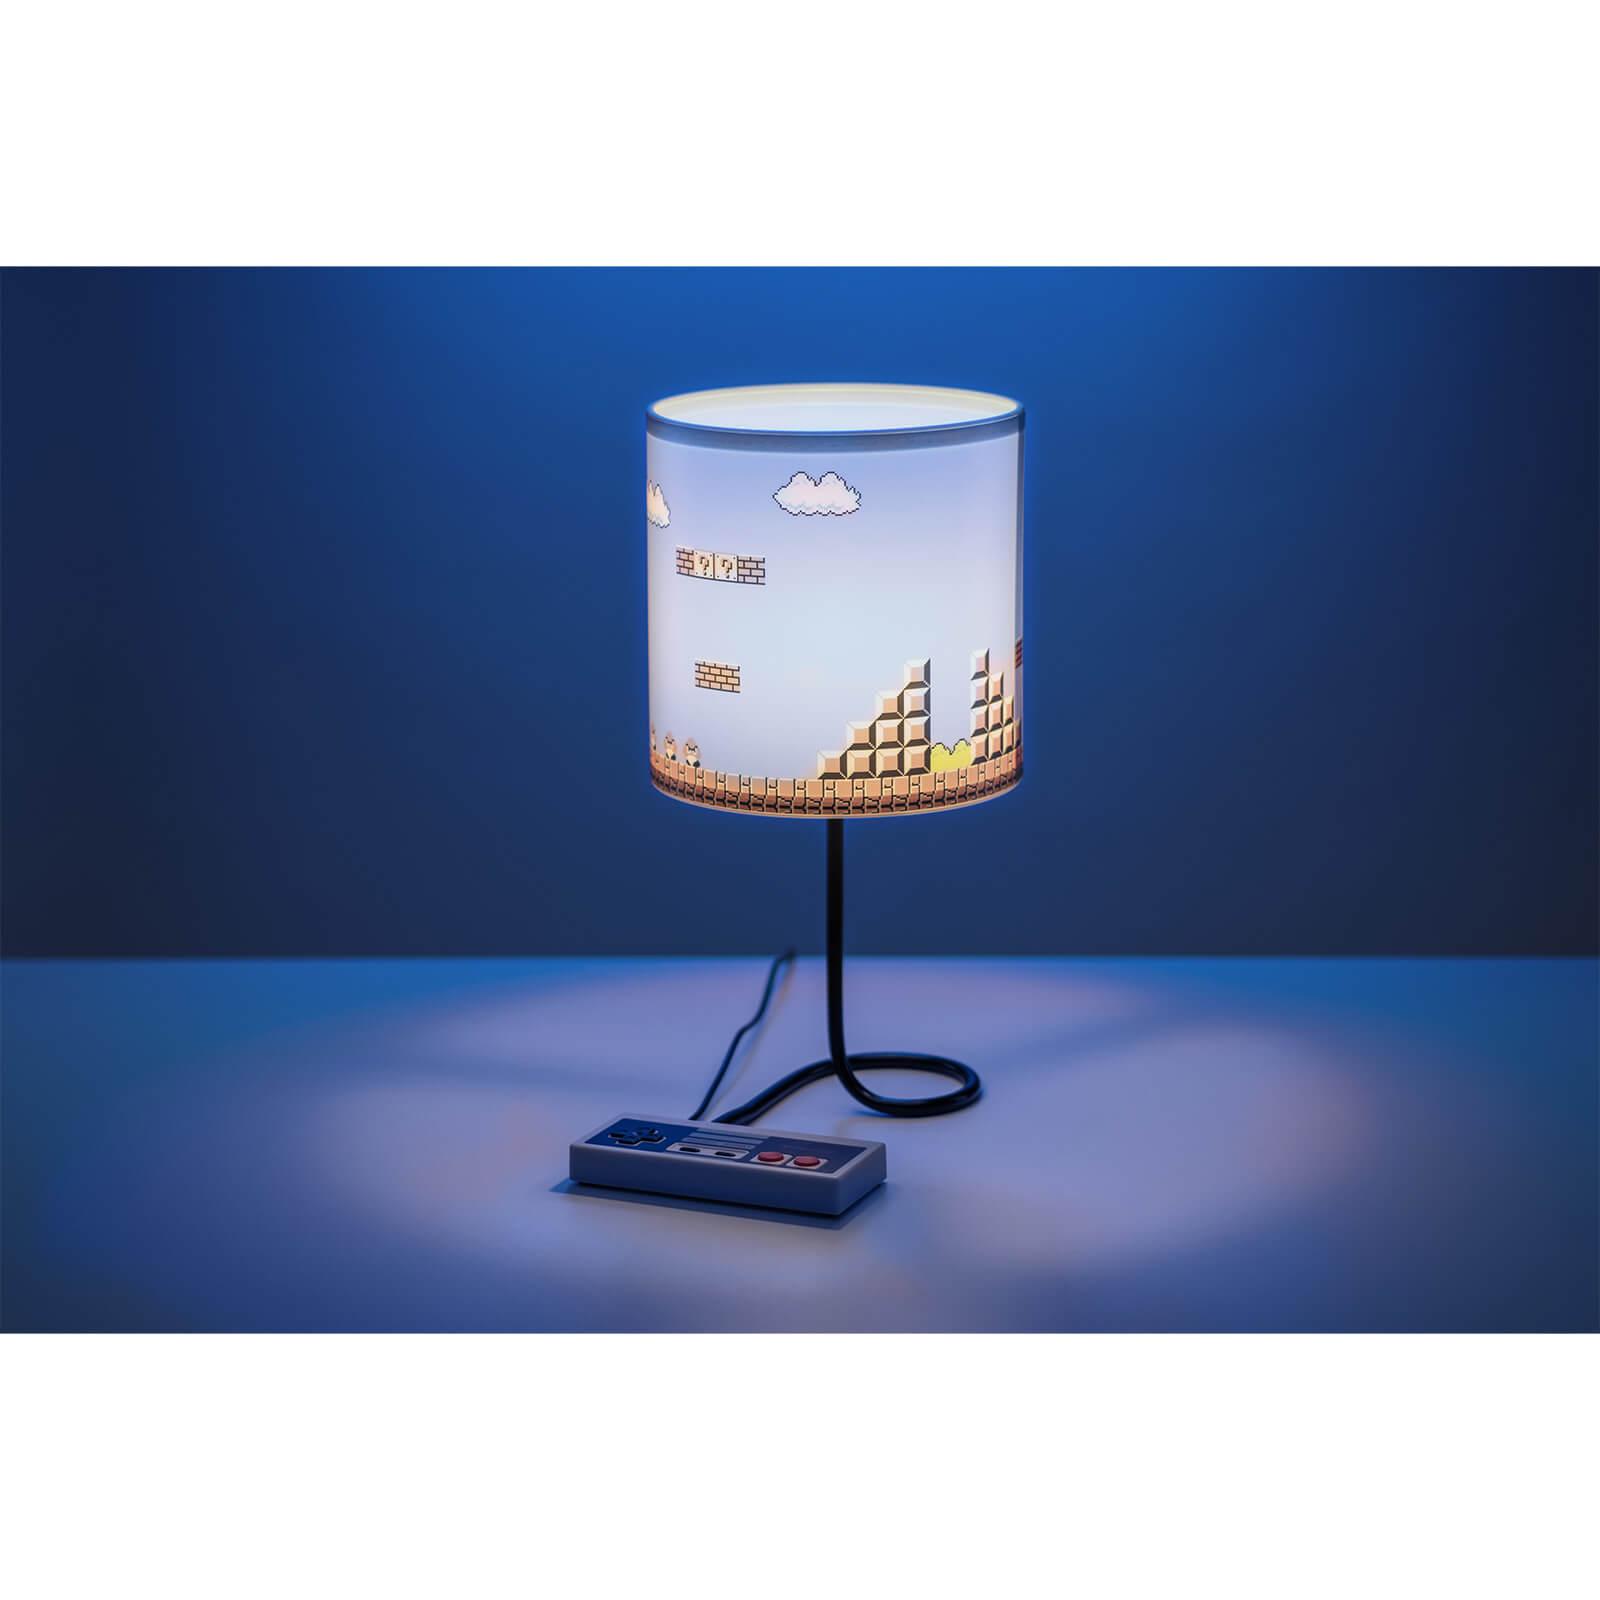 Nintendo NES Lampe für 24,48€ bei Zavvi | oder NES-Lampe, NES-Tasse und NES-Untersetzer für 34,99€ inkl. VSK